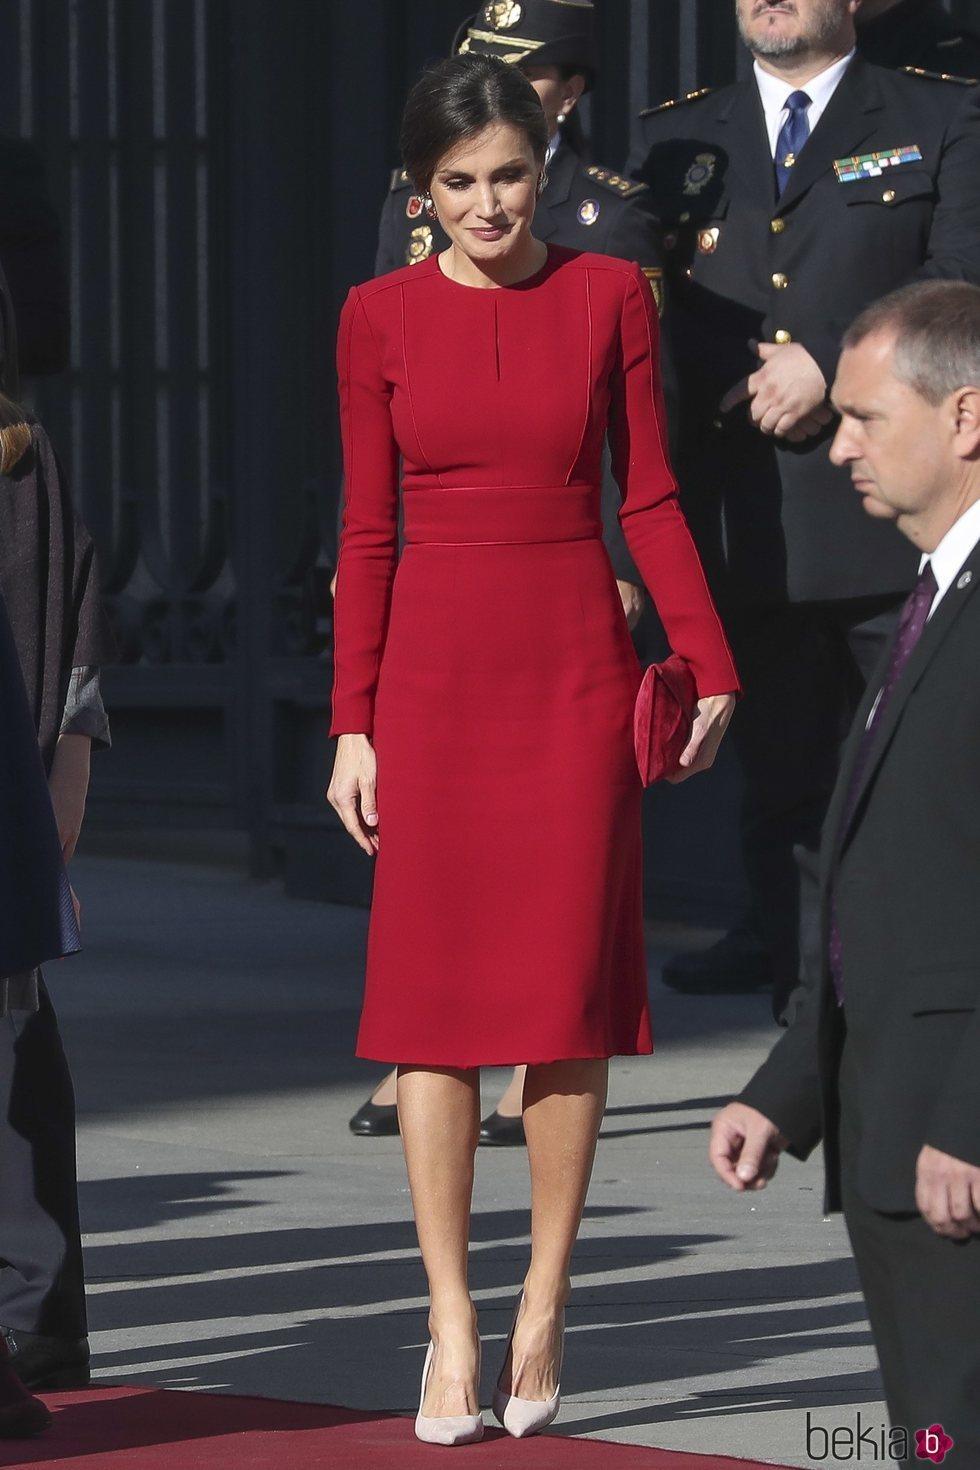 La Reina Letizia en el 40 aniversario de la Constitución